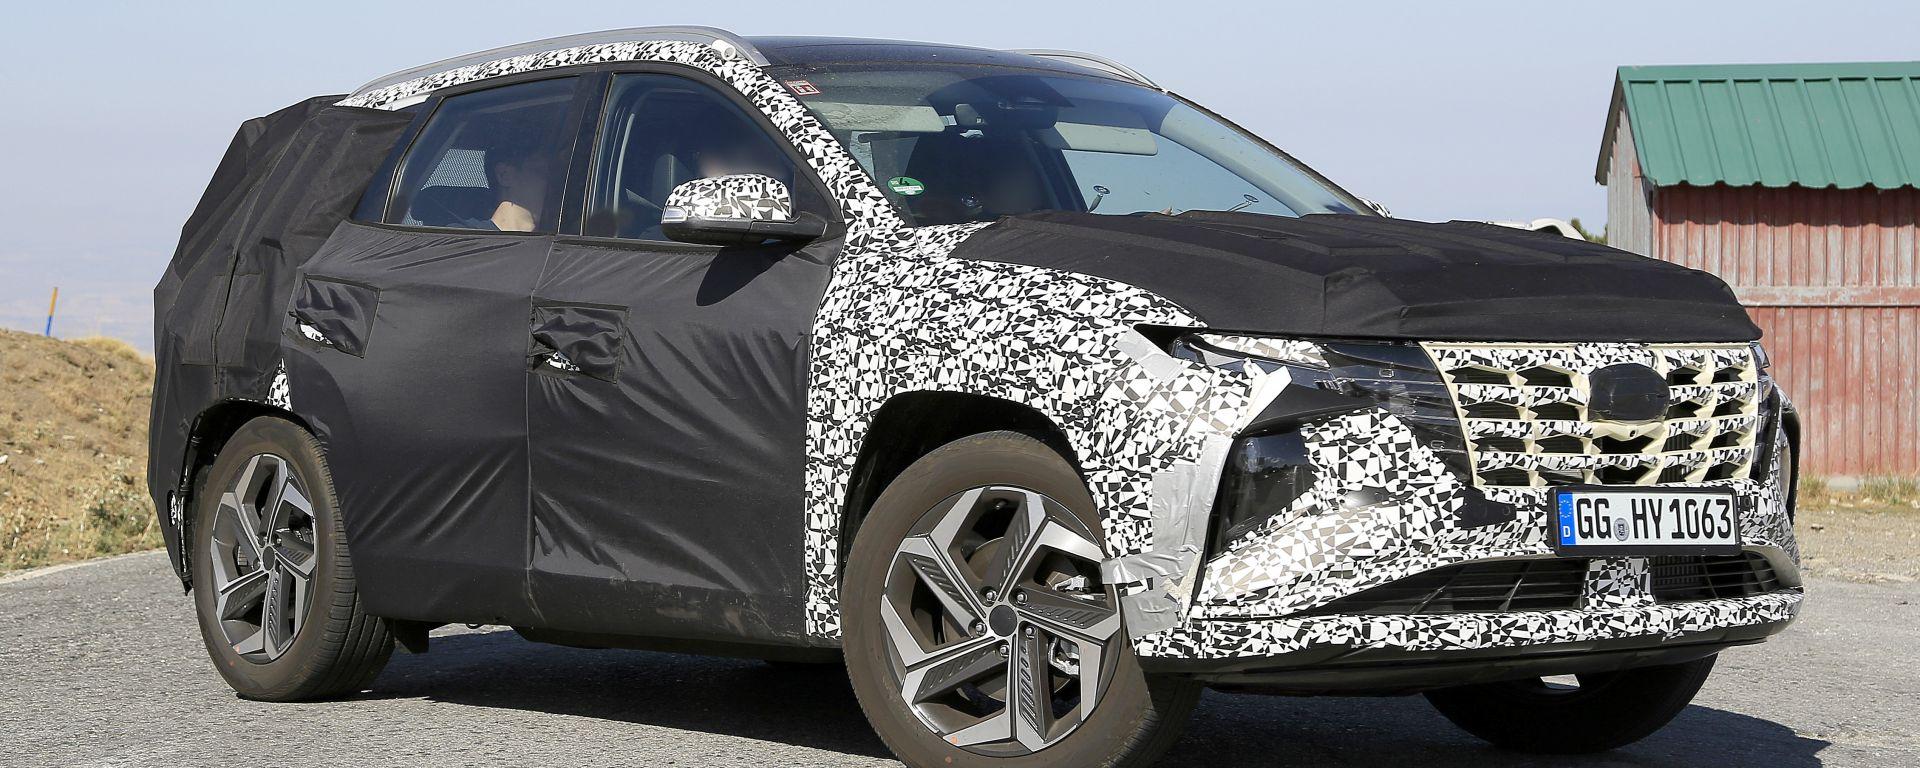 Hyundai Tucson 2021: sotto le camuffature lo stile del Suv coreano